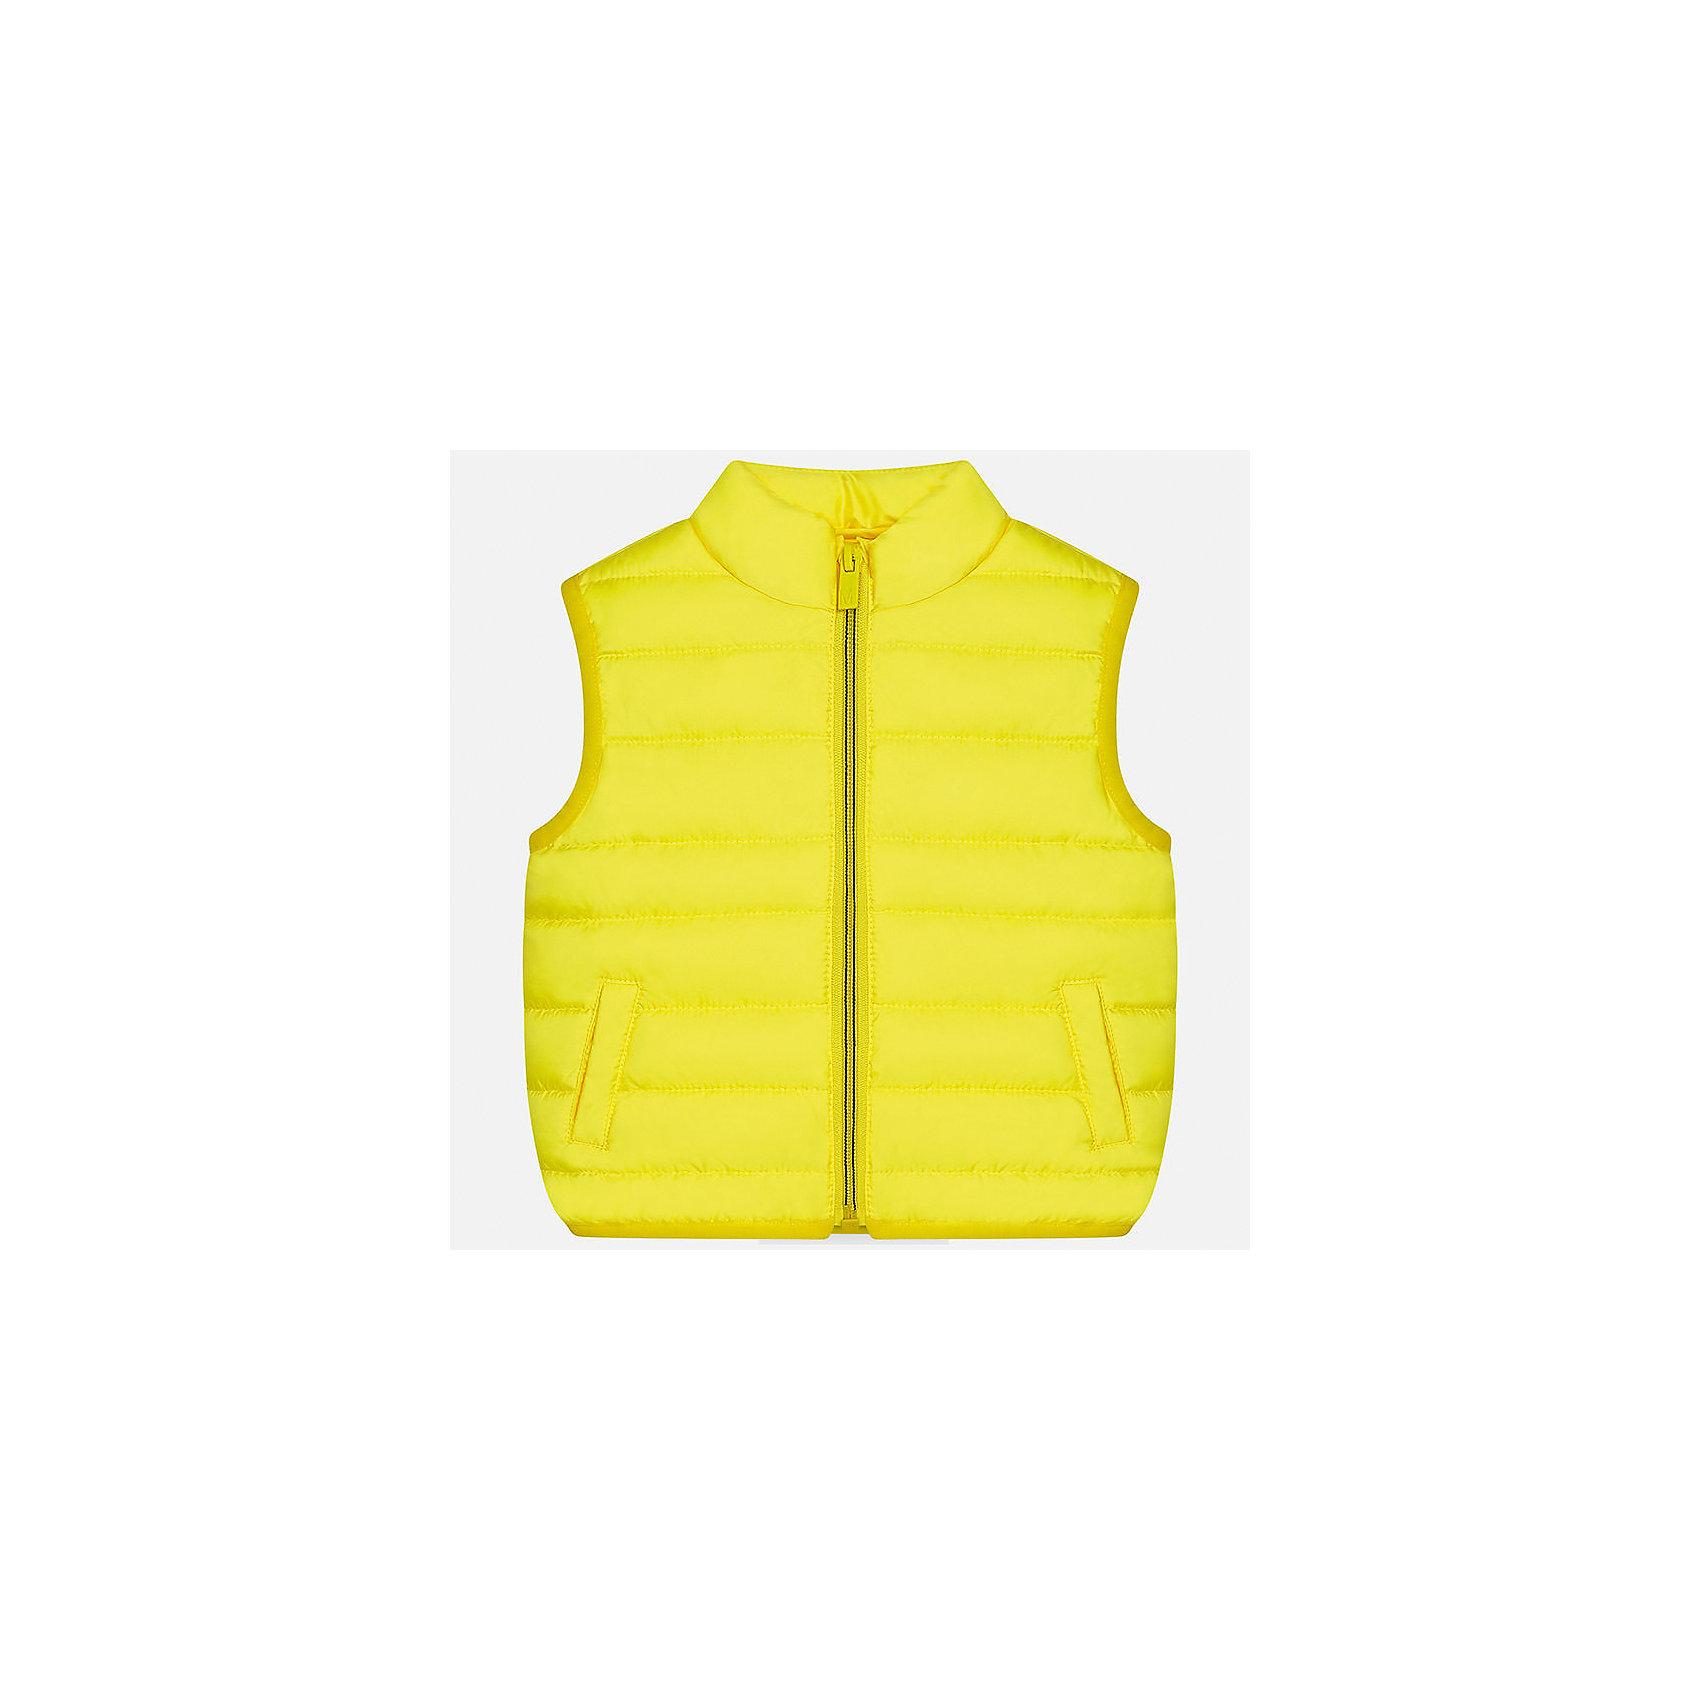 Жилет для мальчика MayoralВерхняя одежда<br>Характеристики товара:<br><br>• цвет: жёлтый<br>• состав: 100% полиэстер<br>• температурный режим: +10°до +20°С<br>• без рукавов<br>• карманы<br>• молния <br>• воротник - стойка<br>• страна бренда: Испания<br><br>Стильный жилет для мальчика поможет разнообразить гардероб ребенка и обеспечить тепло. Он отлично сочетается и с джинсами, и с брюками. Универсальный цвет позволяет подобрать к вещи низ различных расцветок. Модное и практичное изделие.<br>Одежда, обувь и аксессуары от испанского бренда Mayoral полюбились детям и взрослым по всему миру. Модели этой марки - стильные и удобные. Для их производства используются только безопасные, качественные материалы и фурнитура. Порадуйте ребенка модными и красивыми вещами от Mayoral! <br><br>Жилет для мальчика от испанского бренда Mayoral (Майорал) можно купить в нашем интернет-магазине.<br><br>Ширина мм: 190<br>Глубина мм: 74<br>Высота мм: 229<br>Вес г: 236<br>Цвет: желтый<br>Возраст от месяцев: 18<br>Возраст до месяцев: 24<br>Пол: Мужской<br>Возраст: Детский<br>Размер: 92,86,80<br>SKU: 5279553